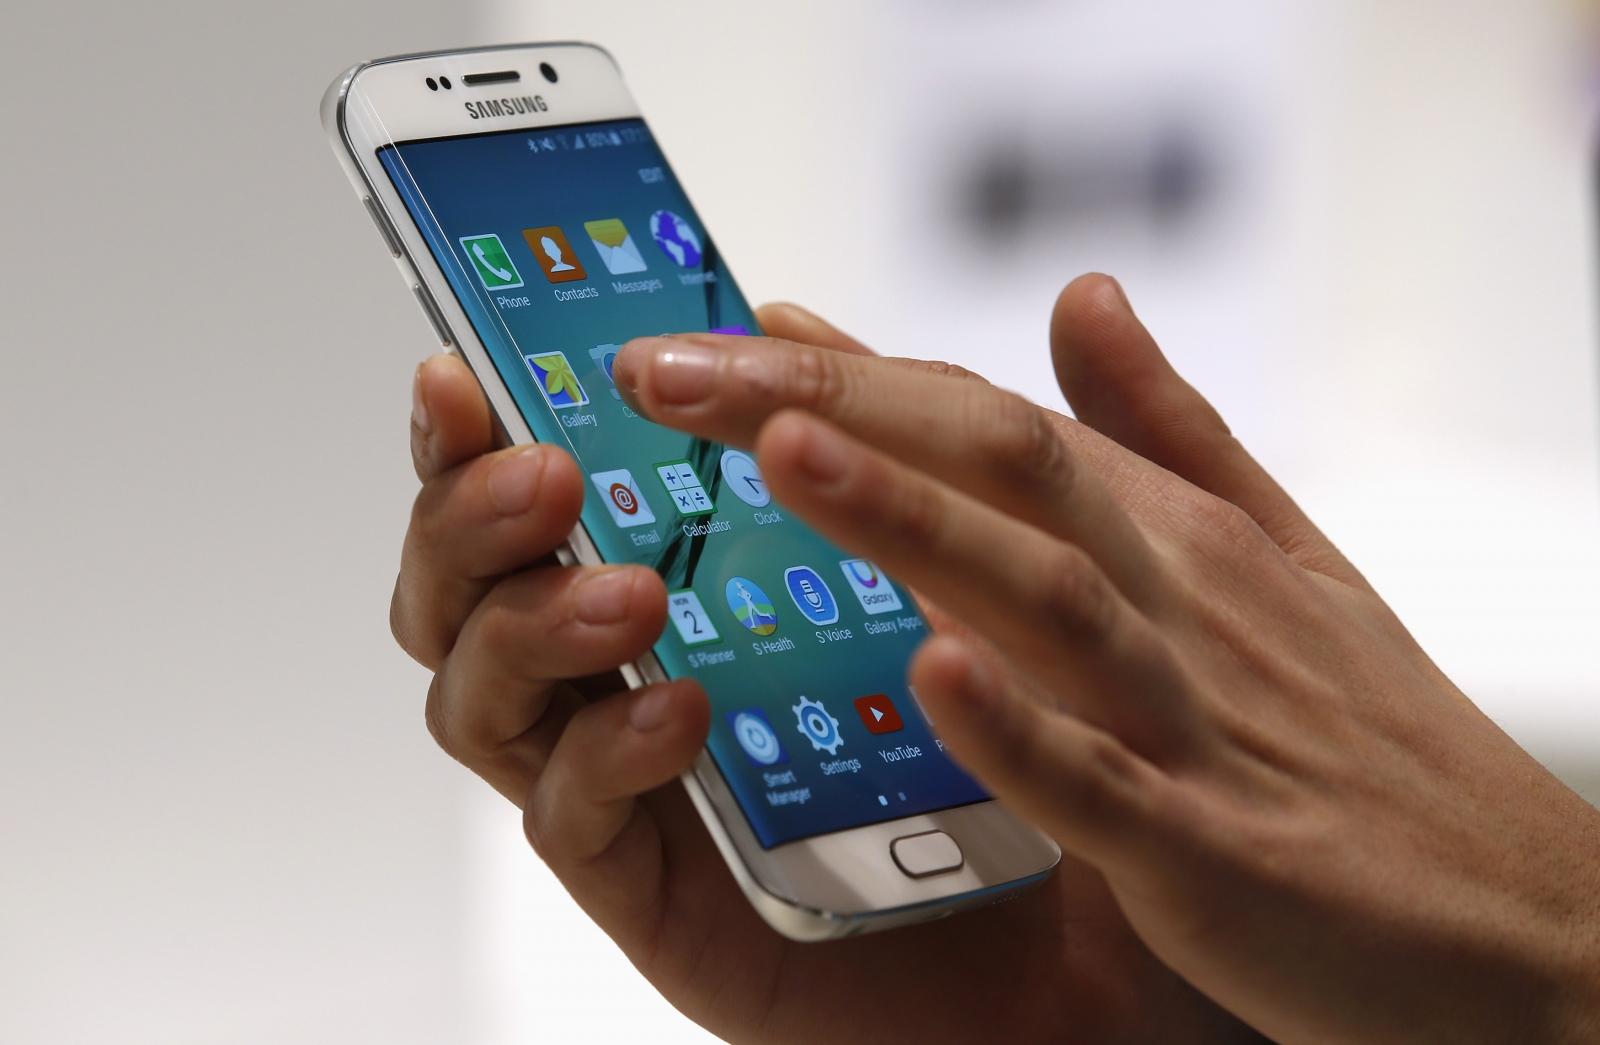 Samsung AMOLED displays